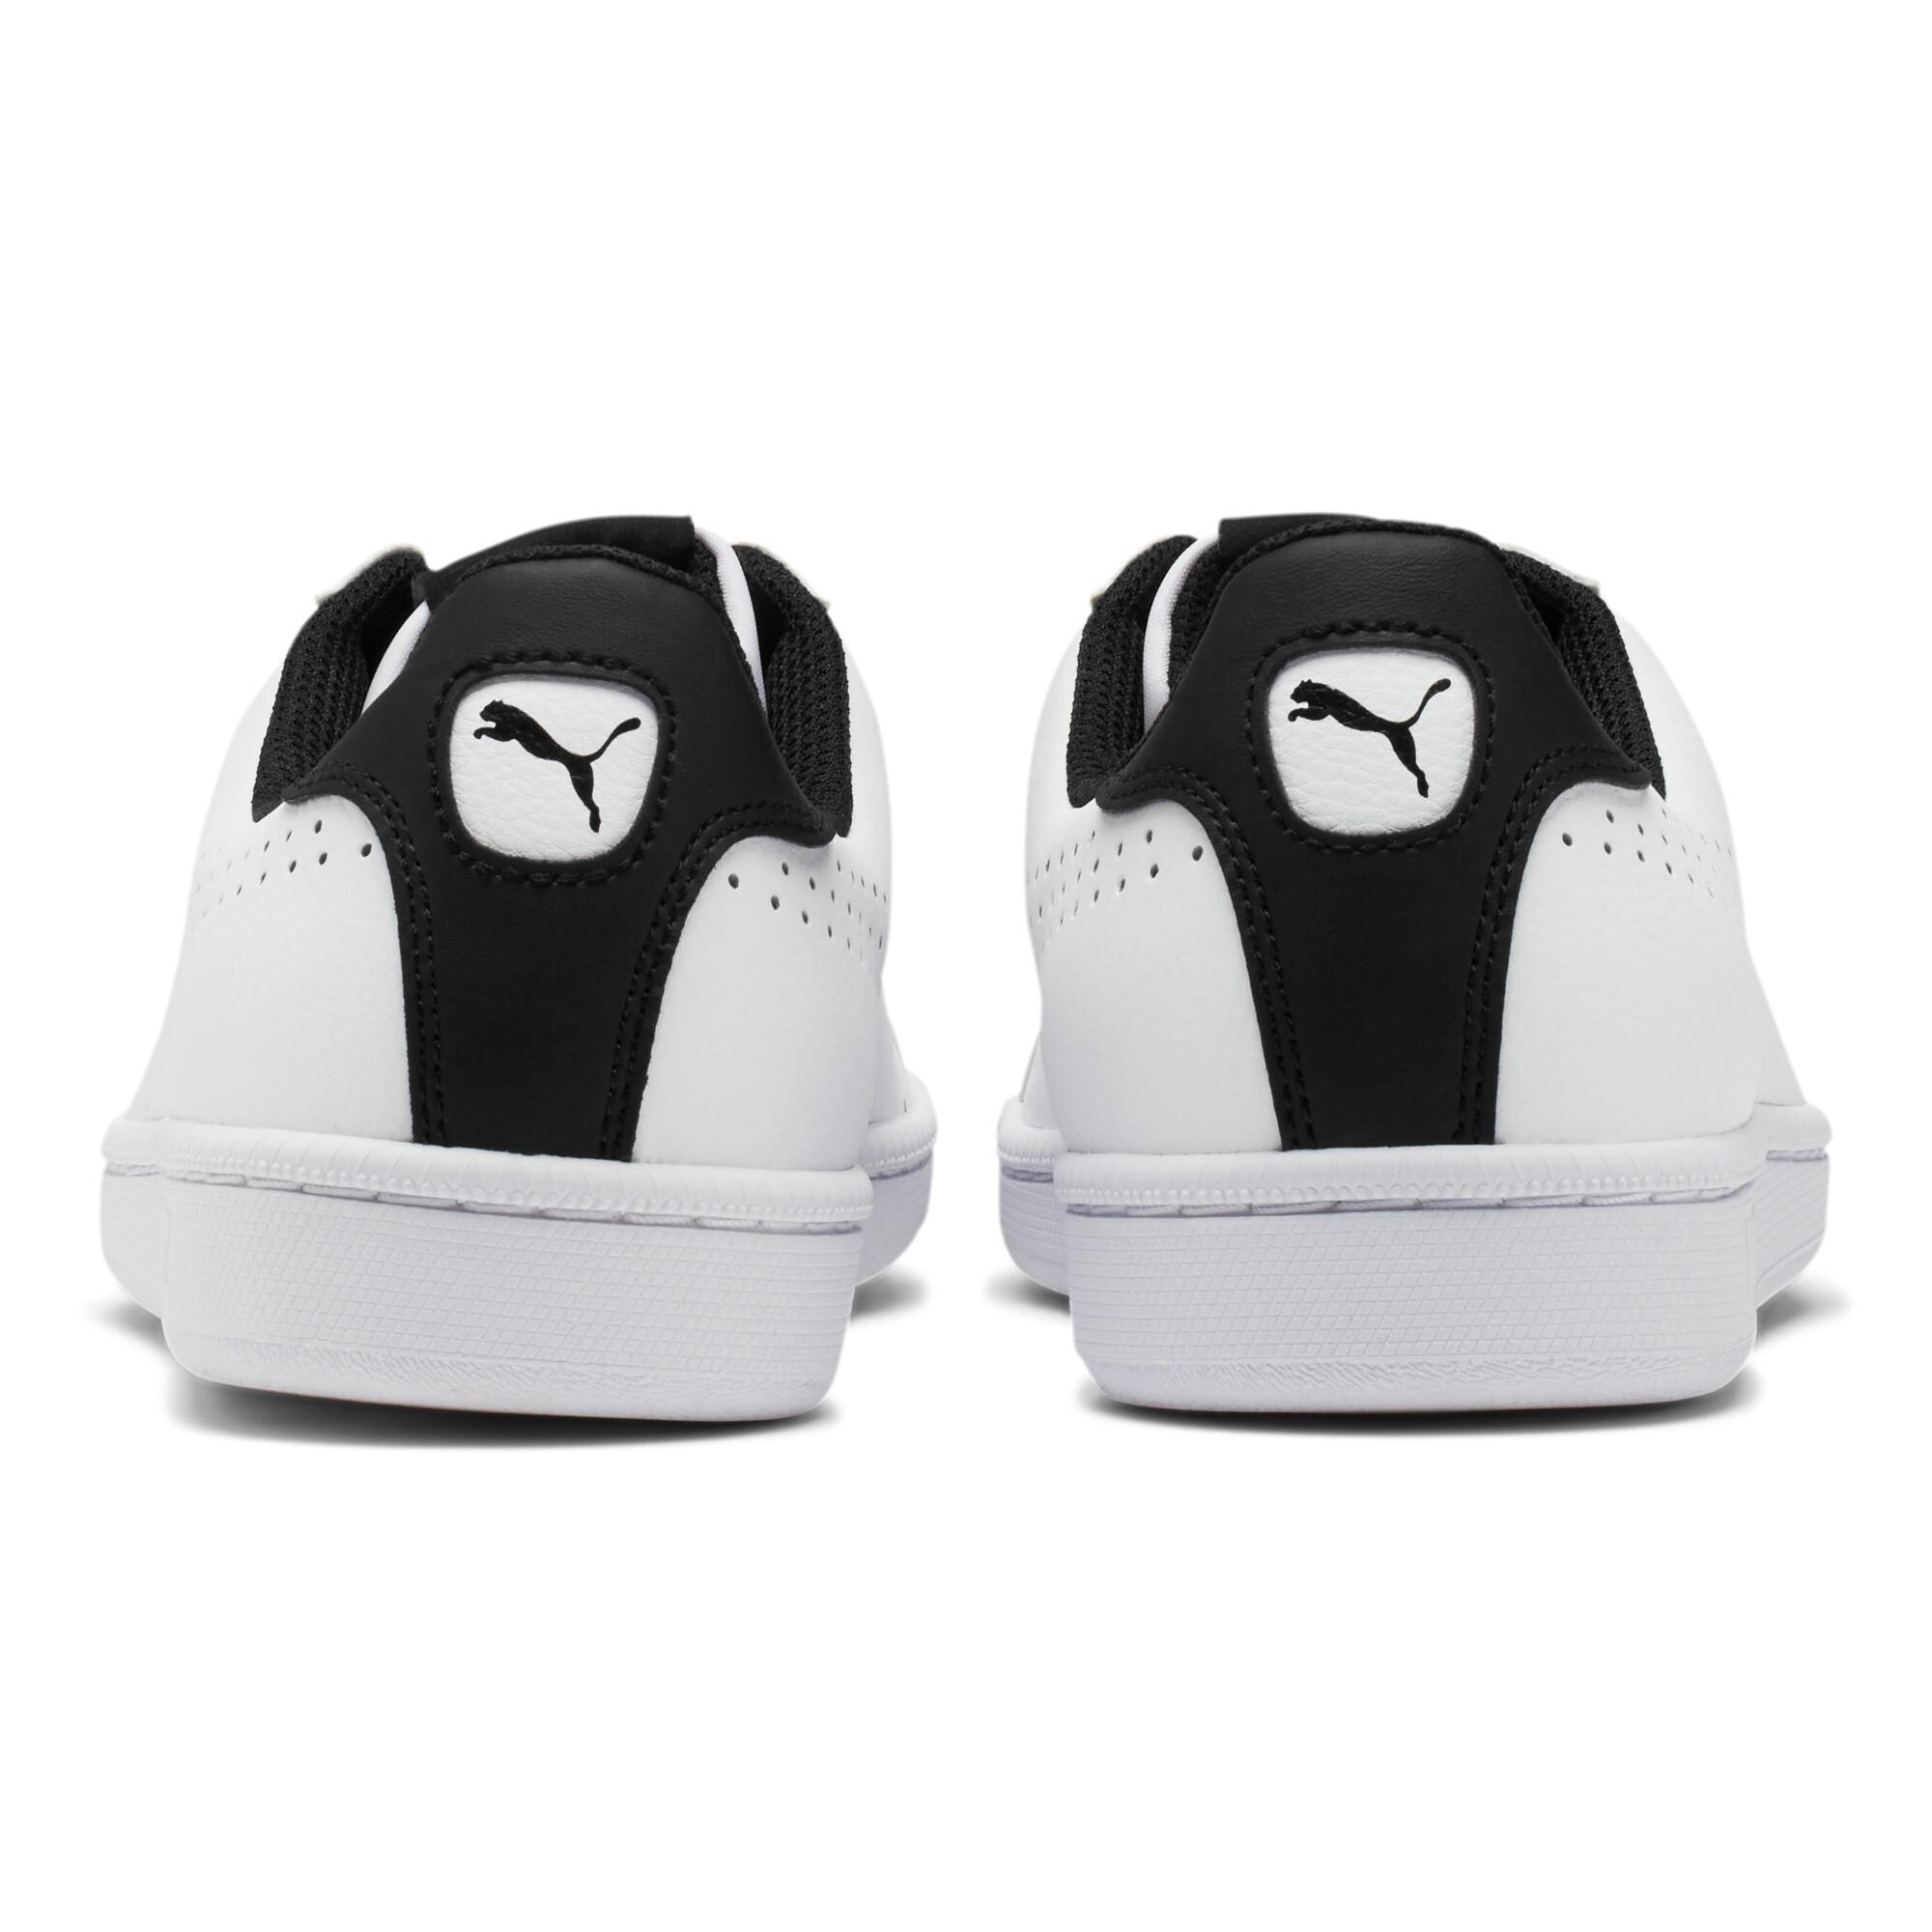 PUMA-PUMA-Smash-Perf-Men-039-s-Sneakers-Men-Shoe-Basics thumbnail 13